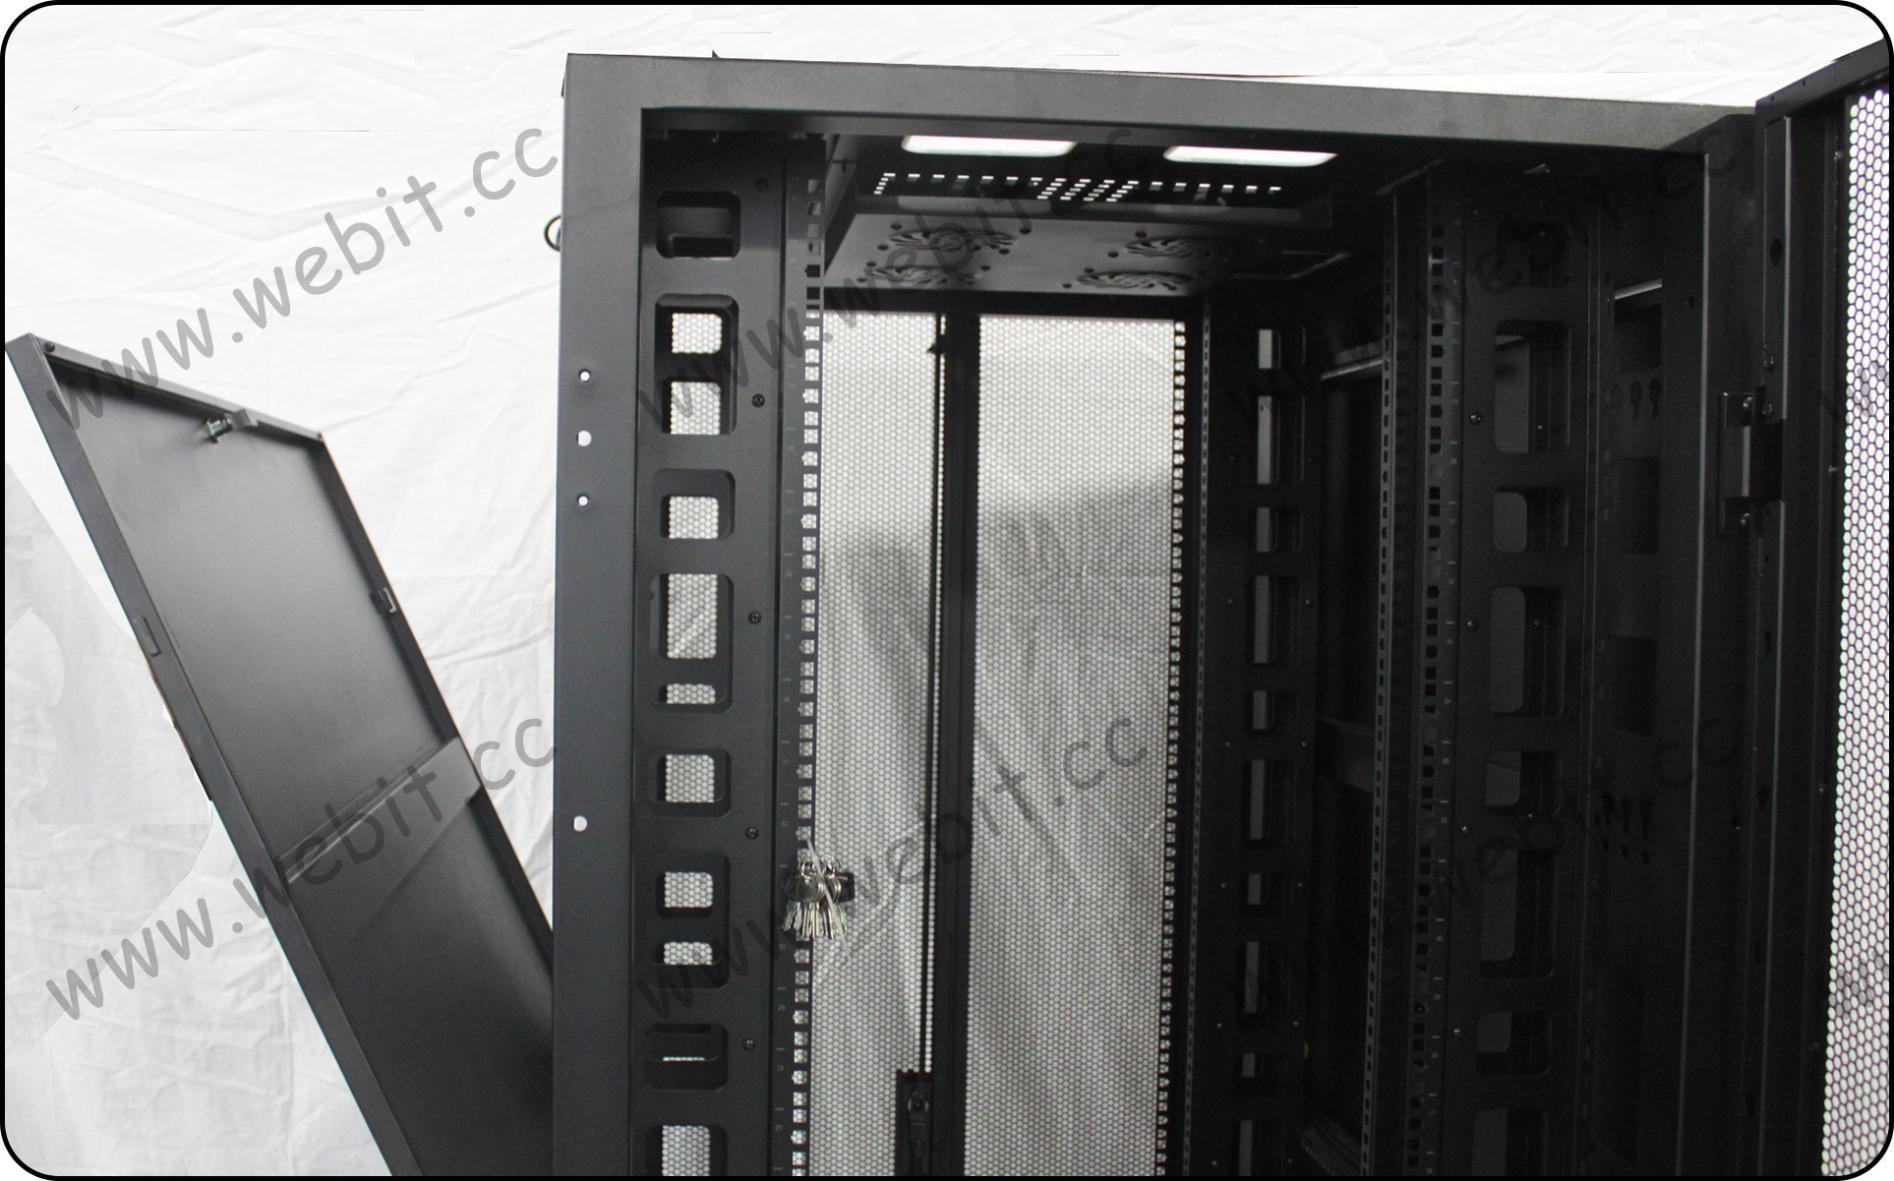 Heavy Duty Series Server Rack for Data Center